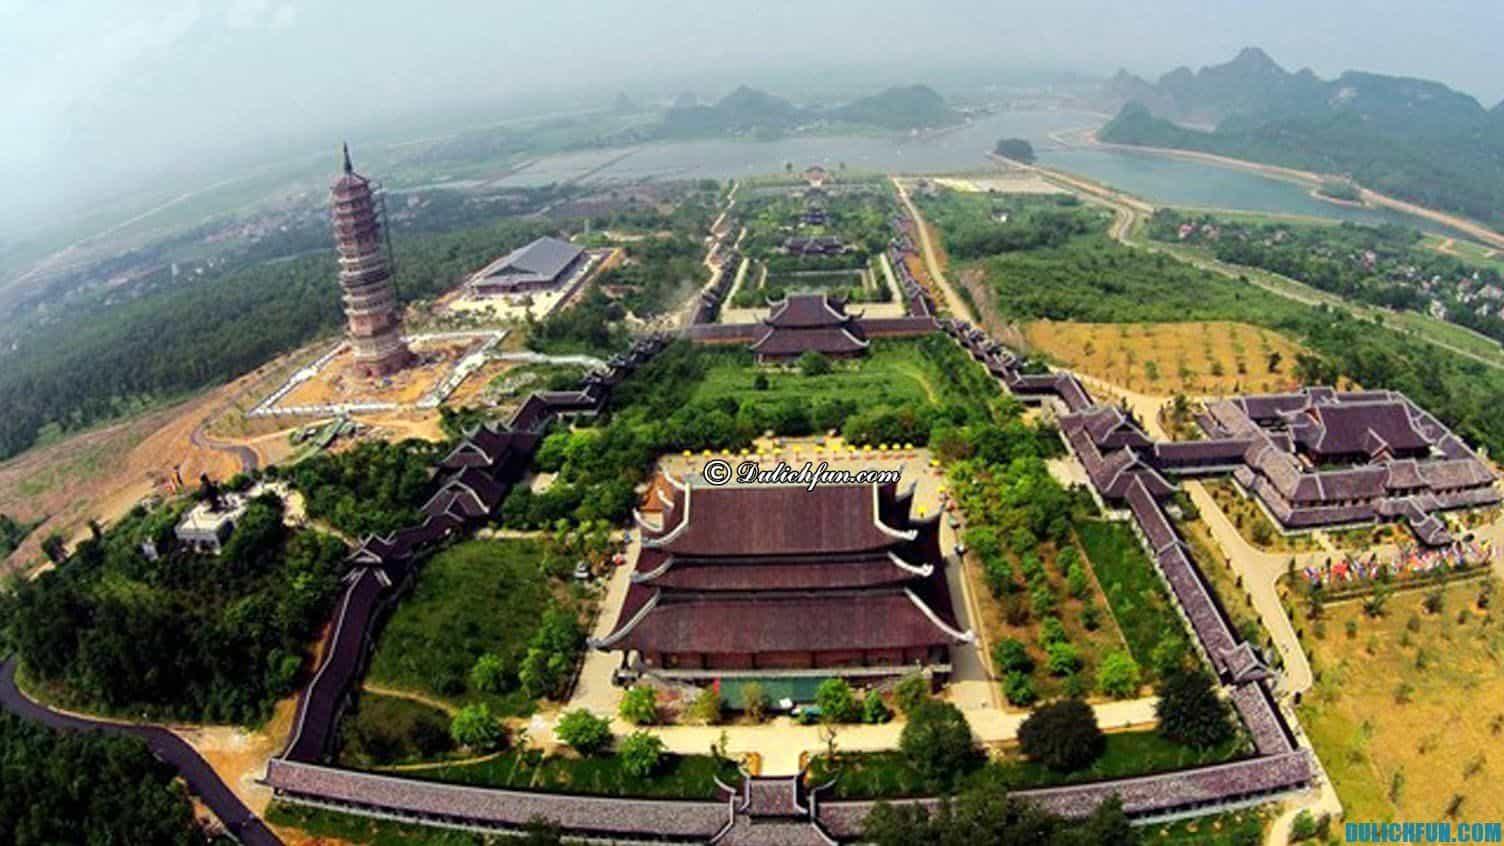 Chùa Bái Đính kinh nghiệm du lịch Bái Đính Tràng An, ngôi chùa xác lập nhiều kỉ lục trong nước và châu Á